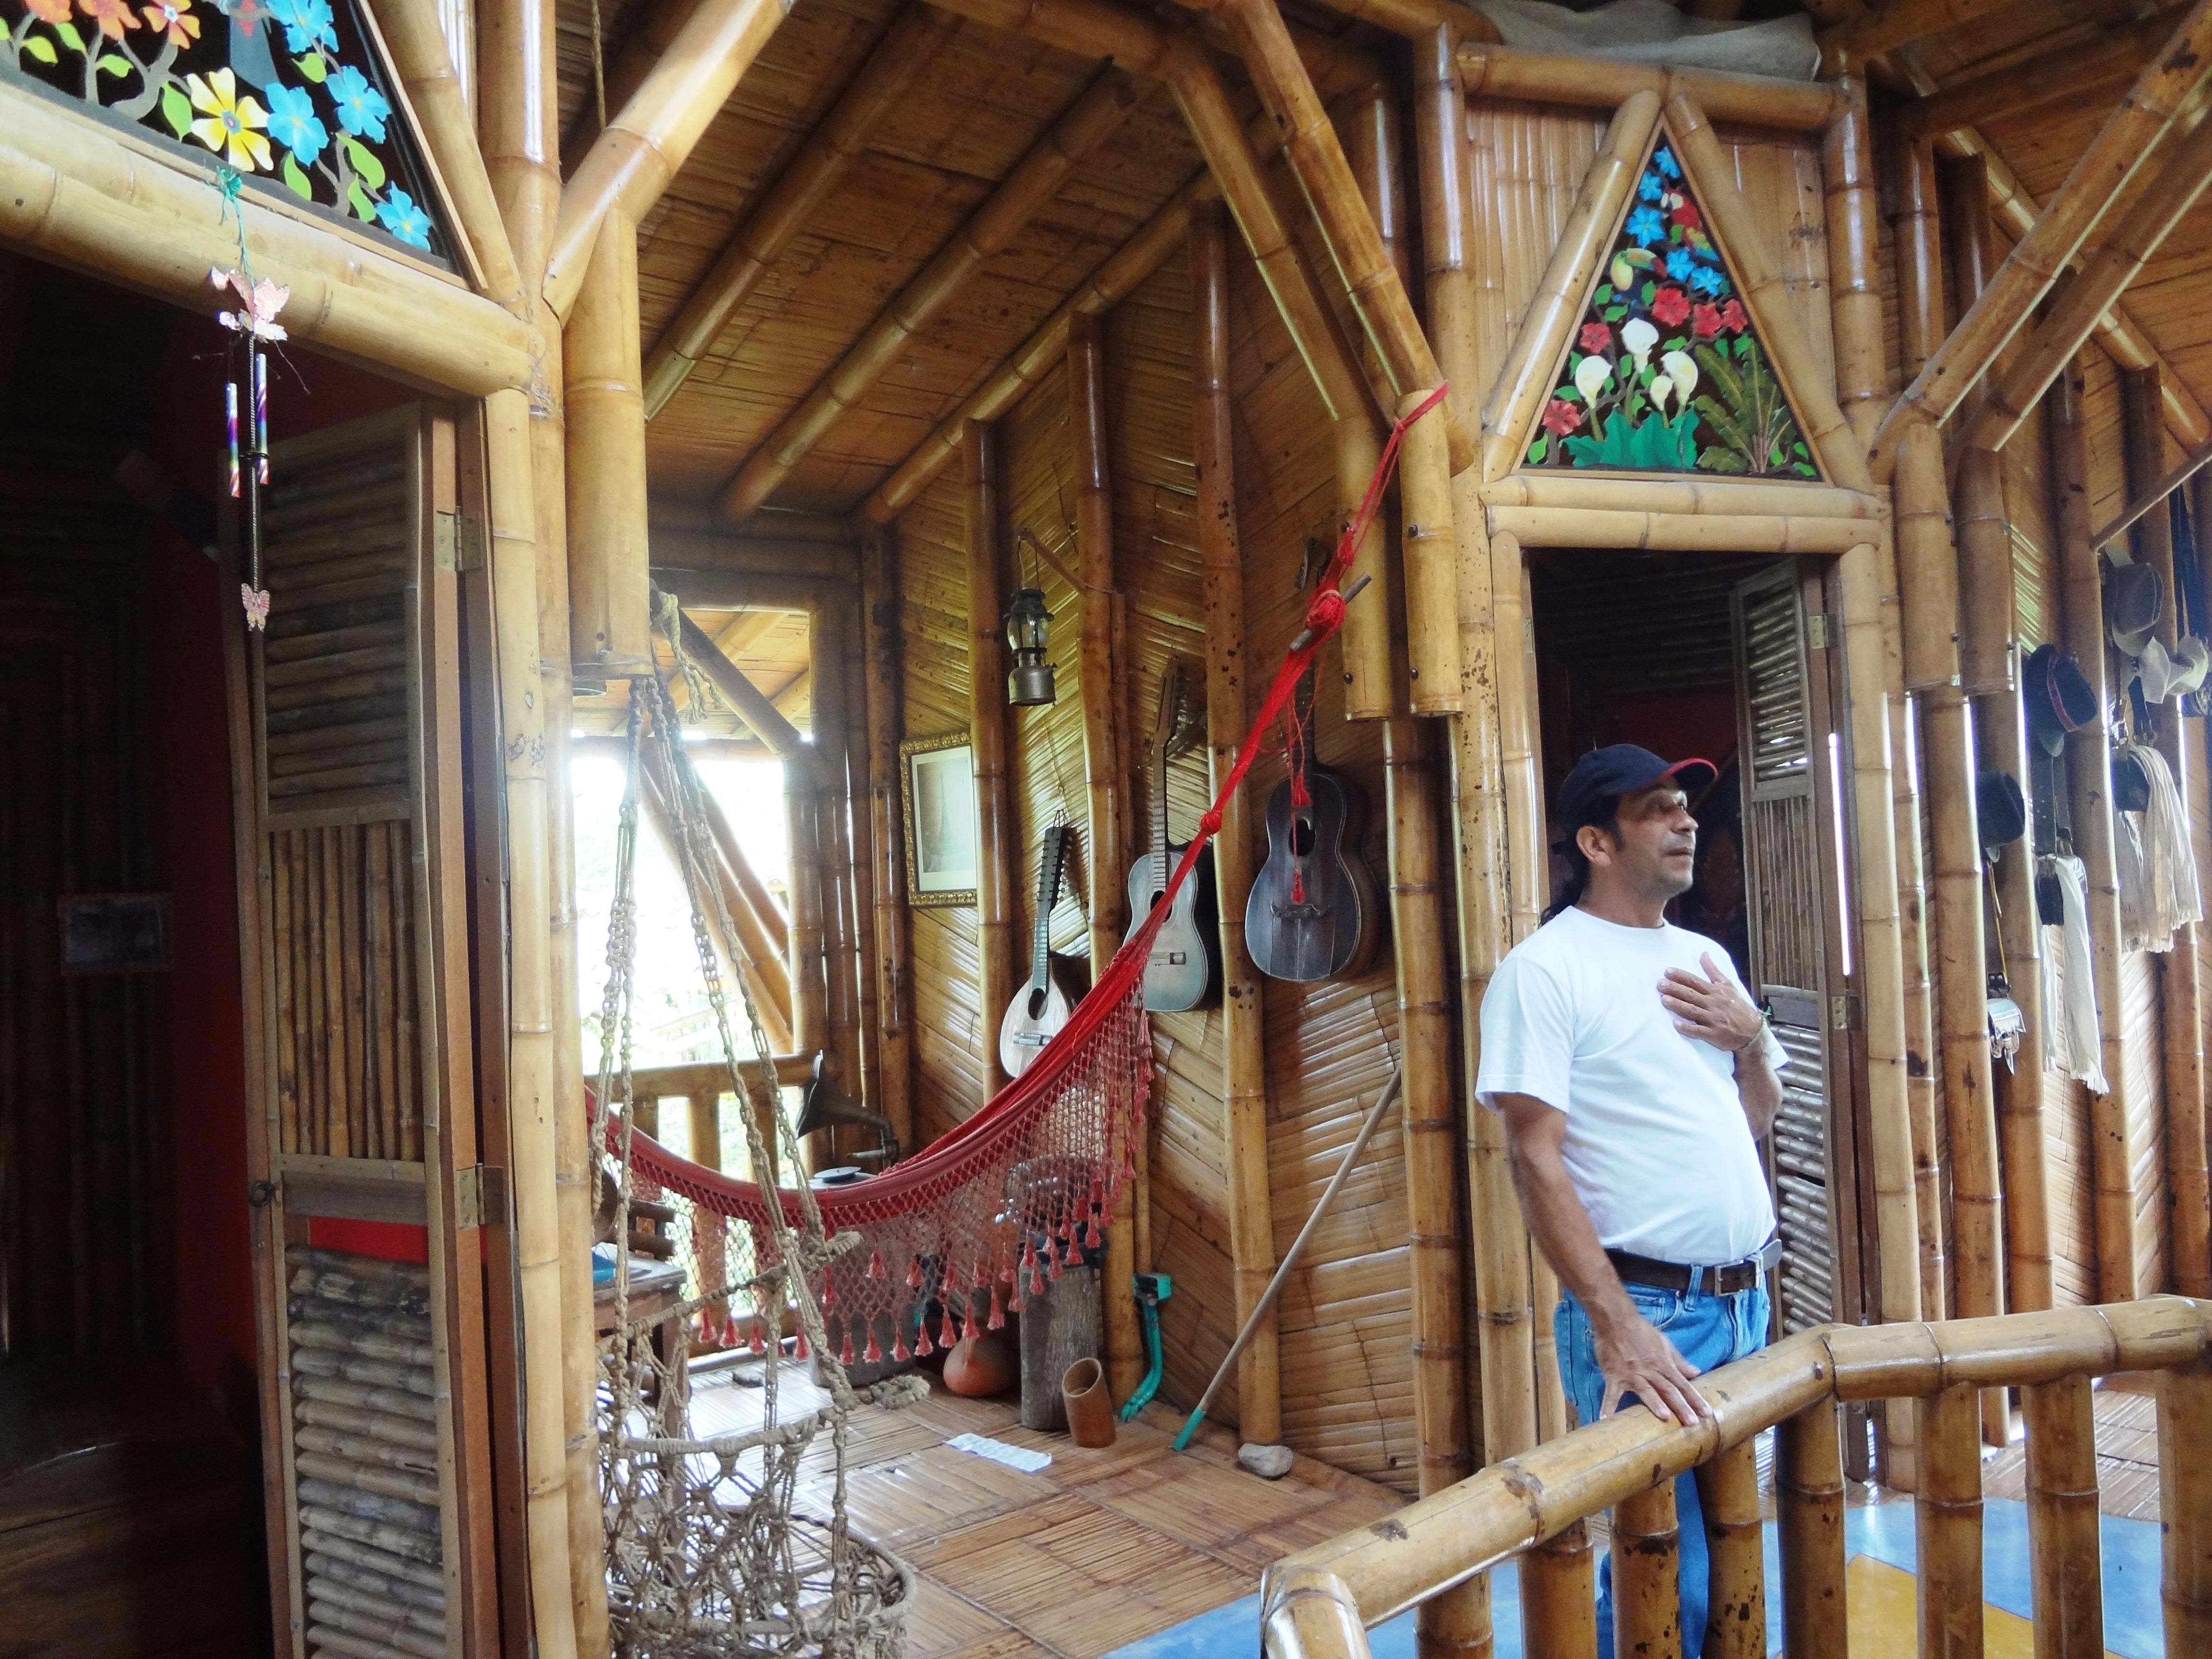 Hernando Villegas Gran artesano  y Maestro de la construcción en Bambú. Desde la Granja de MamaLulu , Colombia, difundes tu arte y tus principios sustentables.